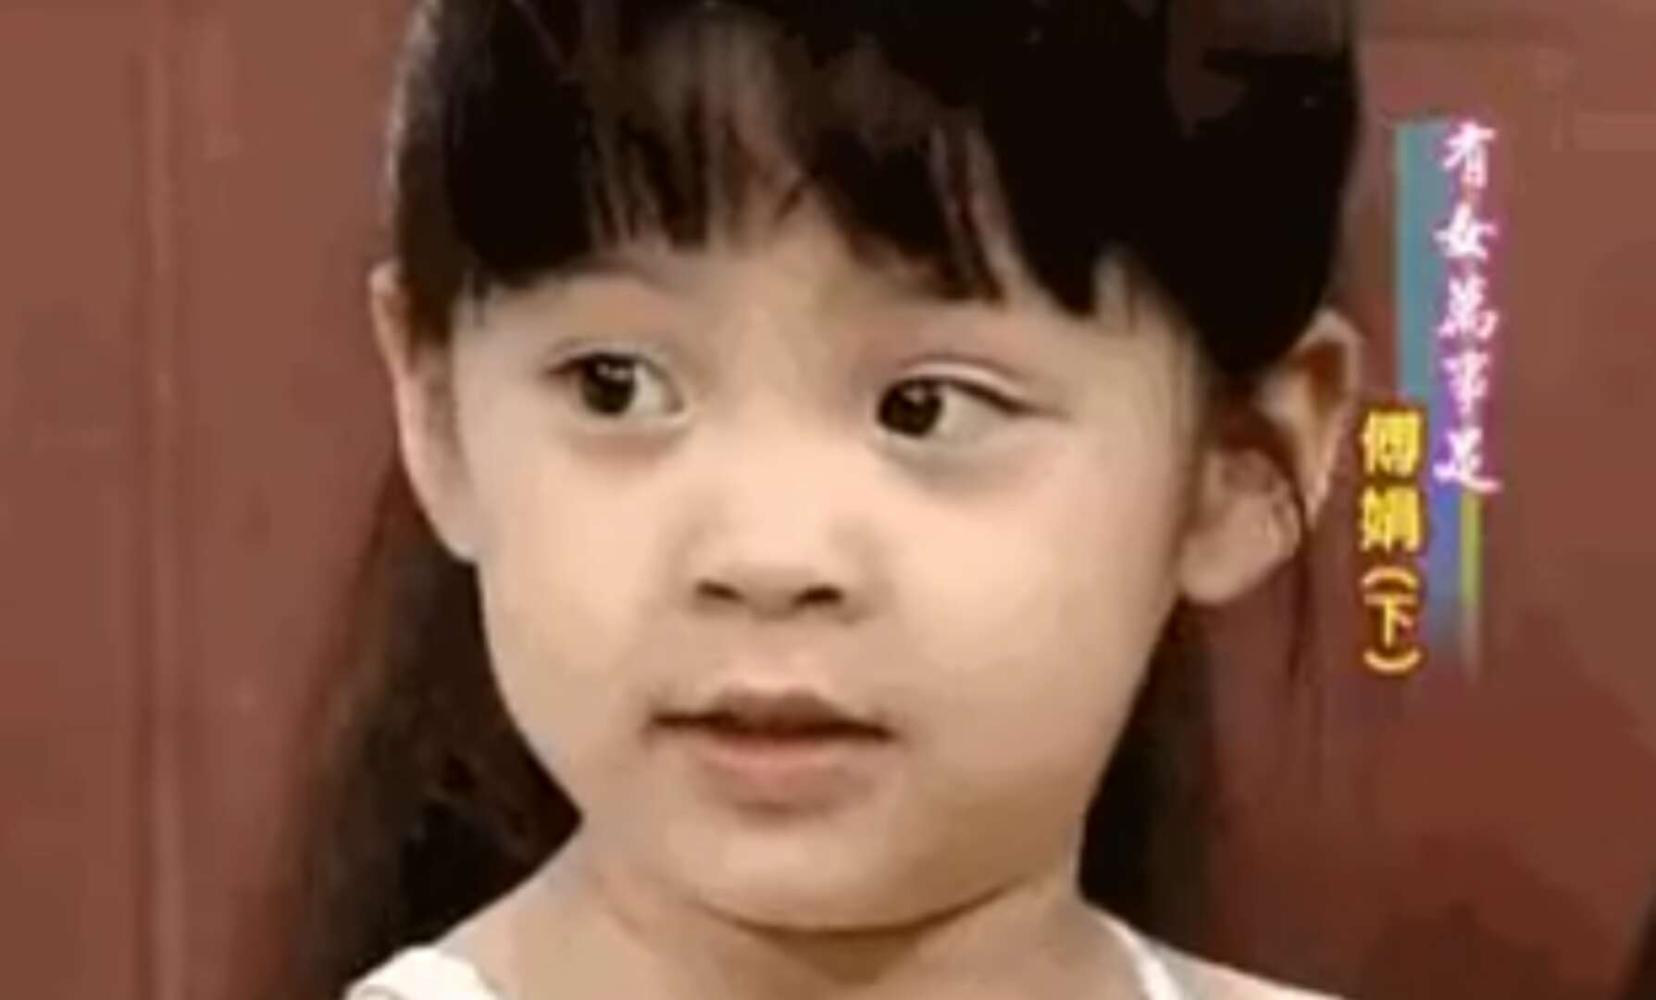 除了在网上流传的的欧阳娜娜一组参加《康熙来了》中的软萌照片,这几天又在微博上爆出了娜比的一组童年写真。照片中的欧阳娜娜大概是三岁的样子,三岁的娜比真的是胖乎乎的超级可爱呢!上身穿着一个白蓝色竖格子短袖,下身穿了一条白色宽松的微喇叭裤,两只手叉着腰十分的软萌可爱。